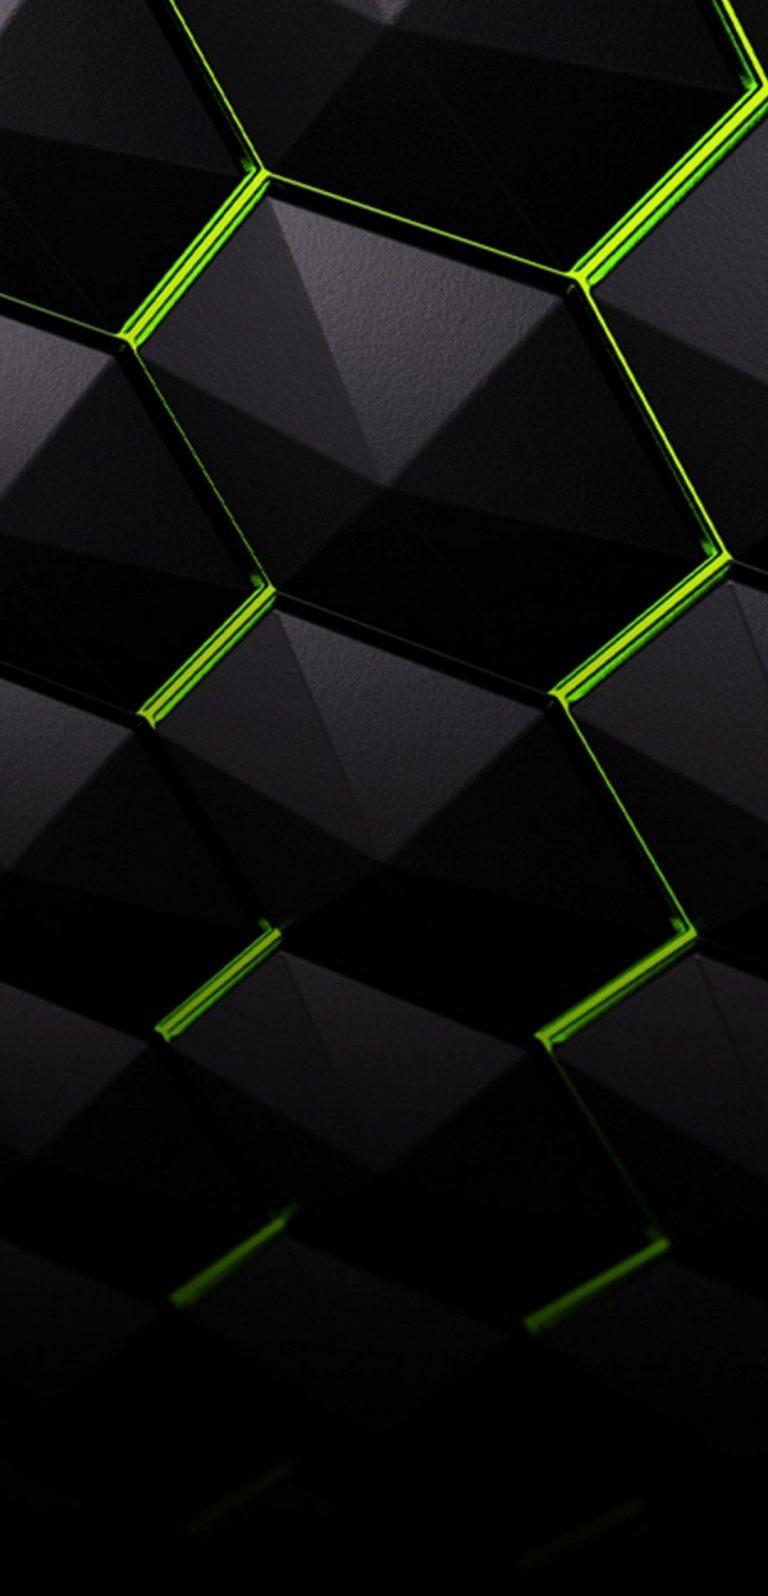 1080x2244 Wallpaper 189 768x1596